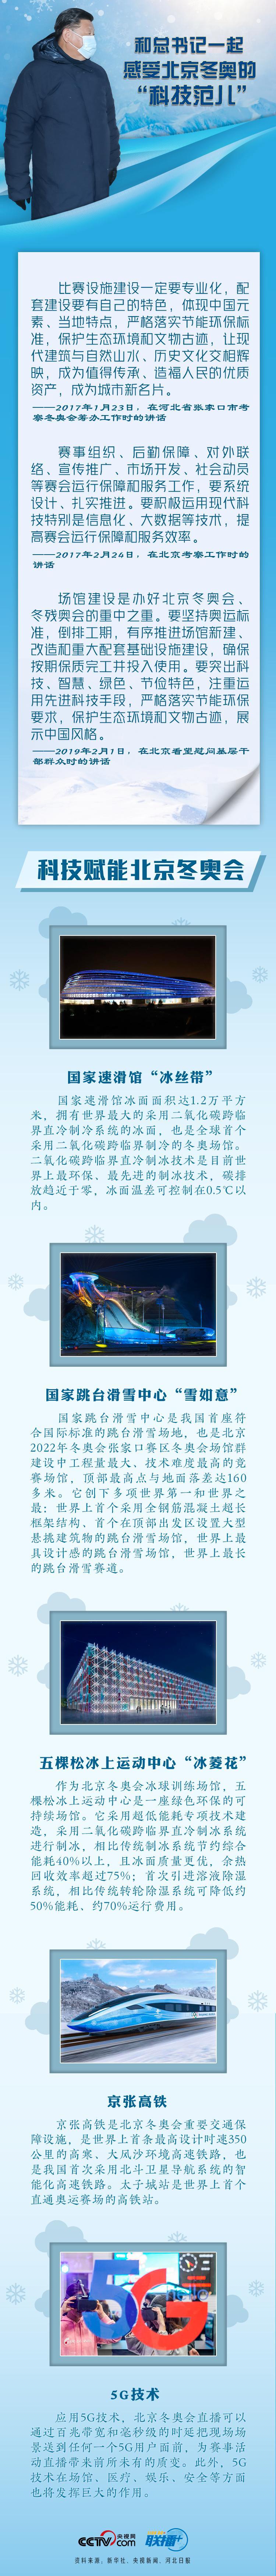 """联播 + 丨快来!和总书记一起感受北京冬奥的""""科技范儿"""""""